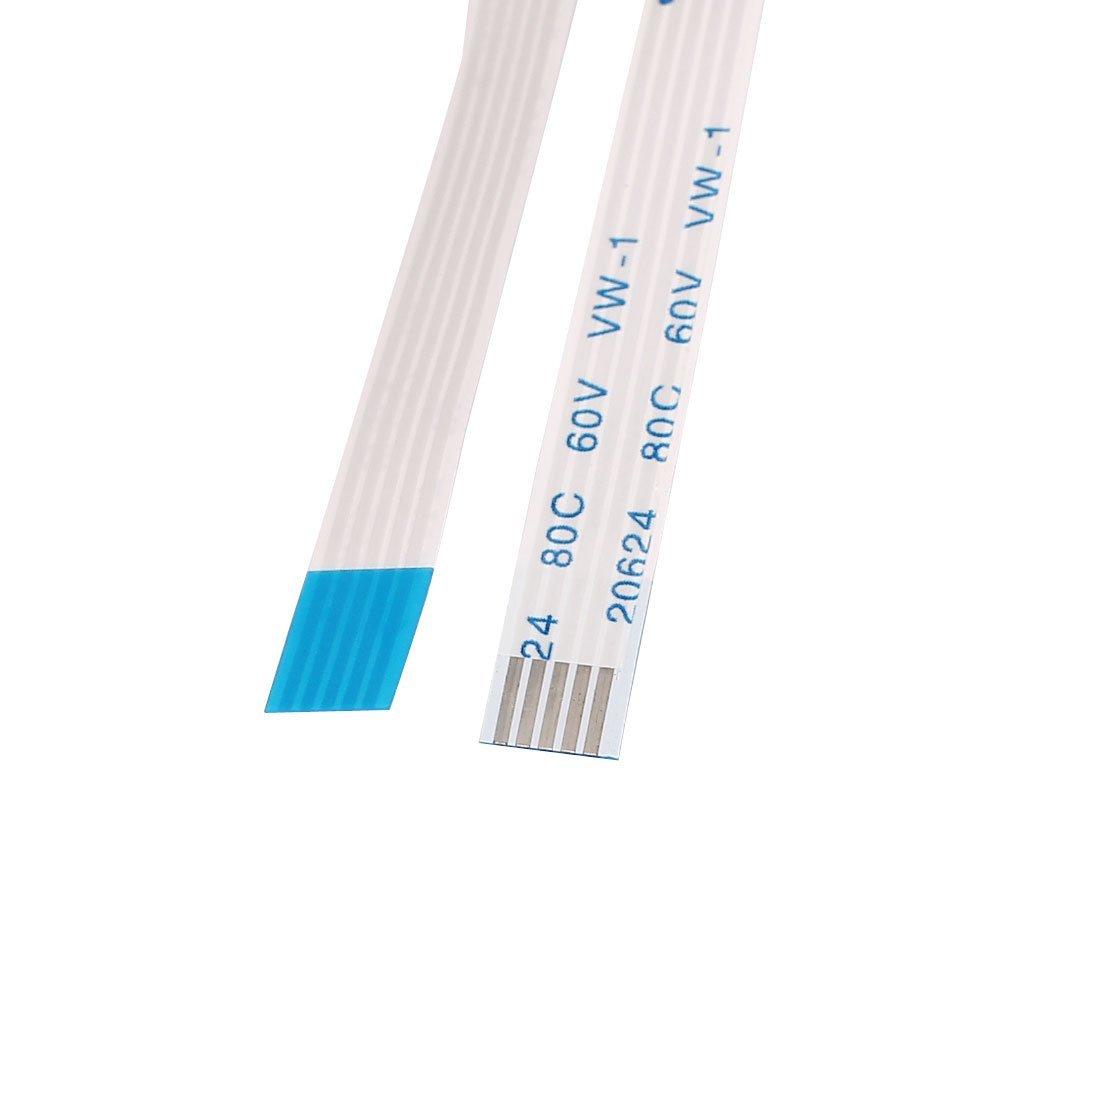 eDealMax a15072900ux1644 10Pcs 1, 0 mm de paso 5 Pin Flexible Flat Cable de Cinta Fpc Ffc conecta el alambre 550 mm: Amazon.com: Industrial & Scientific